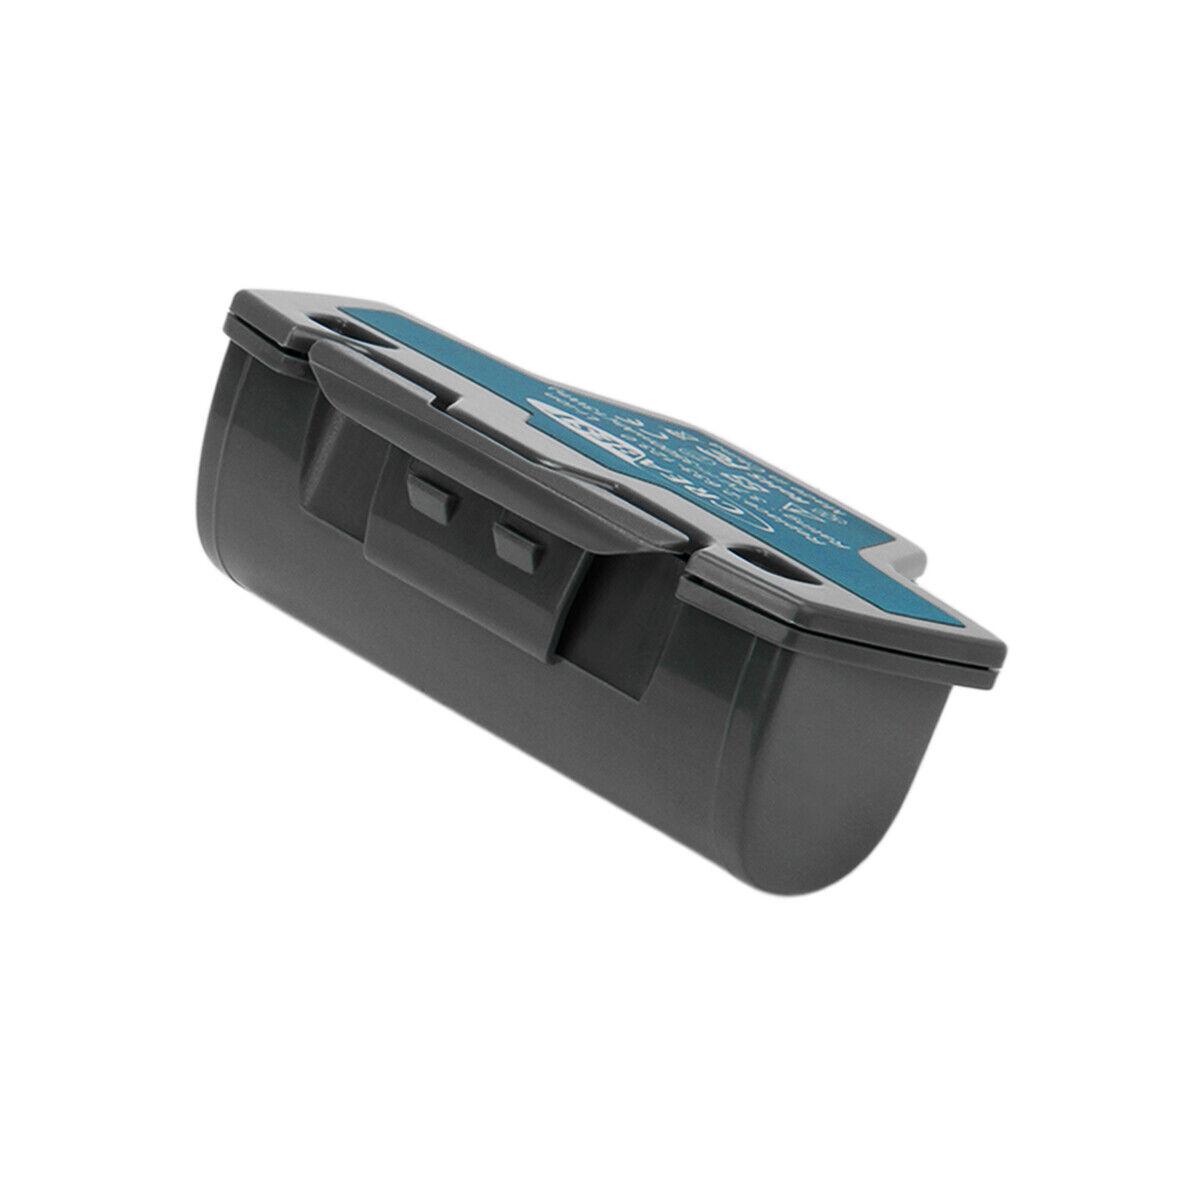 3.5AH 3.7V Battery for Karcher WV2 WV5 WV5 Plus WV5 Premium WV7 WV 70 Plus WV 50